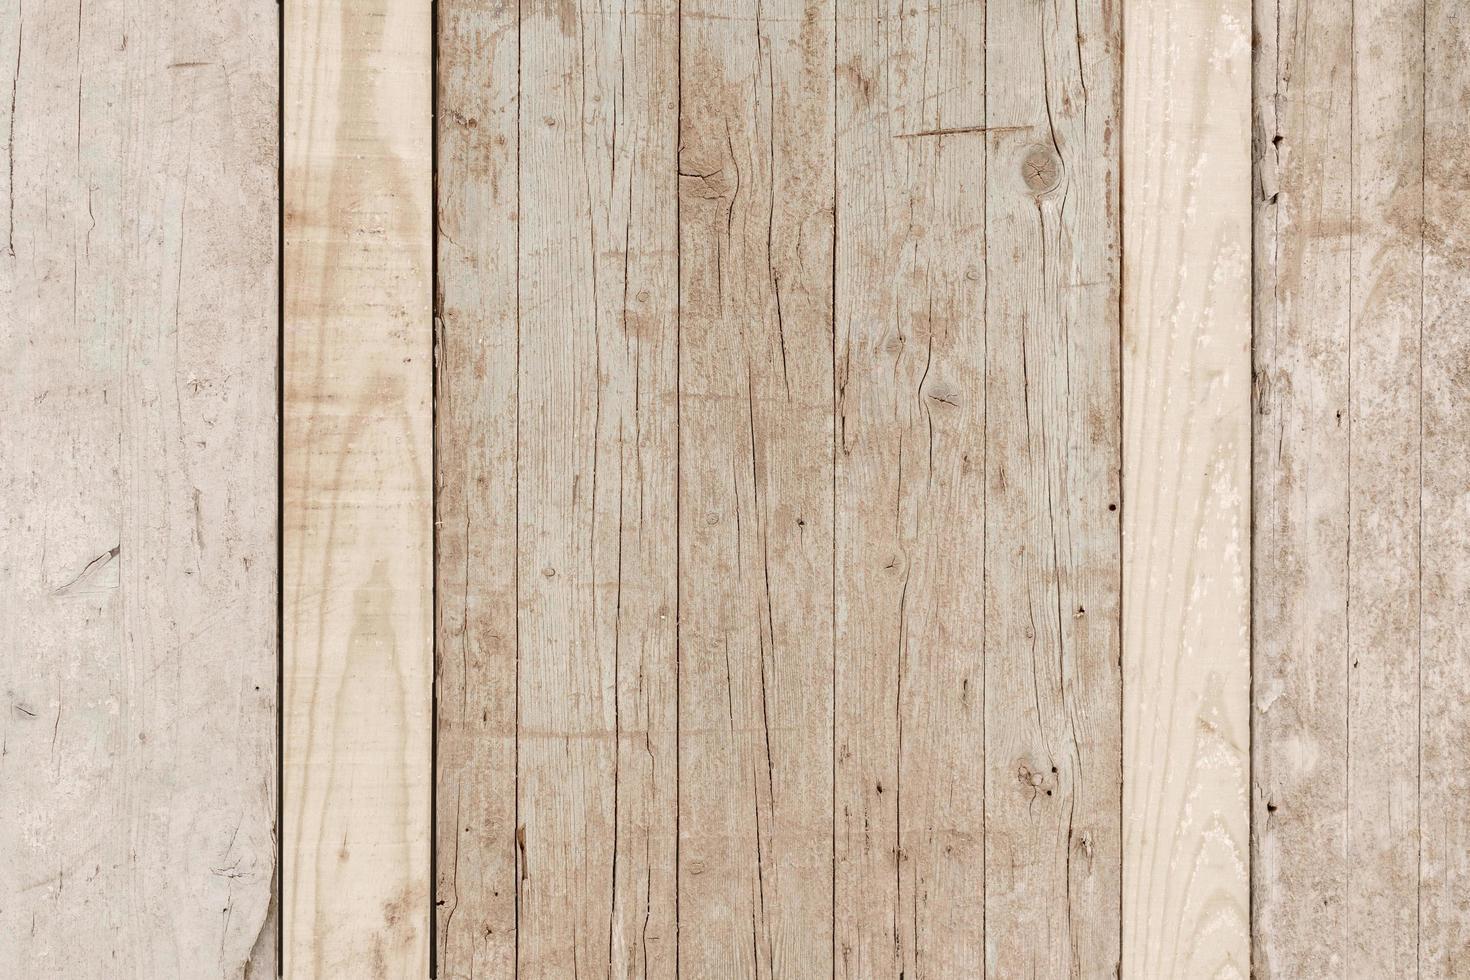 superficie in legno chiaro rustico foto